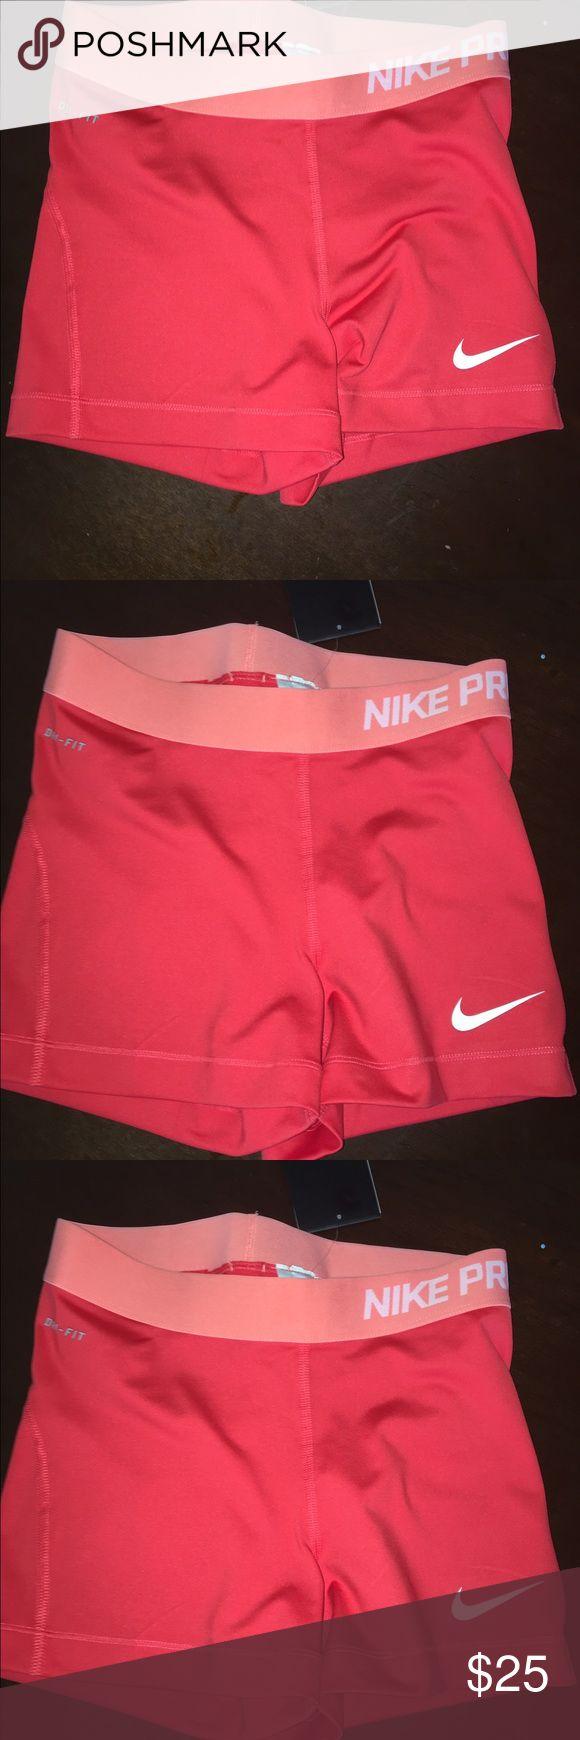 🌺🌺FINAL MARKDOWN🌺PRICE FIRMNWT NIKE PROS 🌺 🌺NWT NIKE PROS SIZE SMALL ONLY 🌺 Nike Shorts